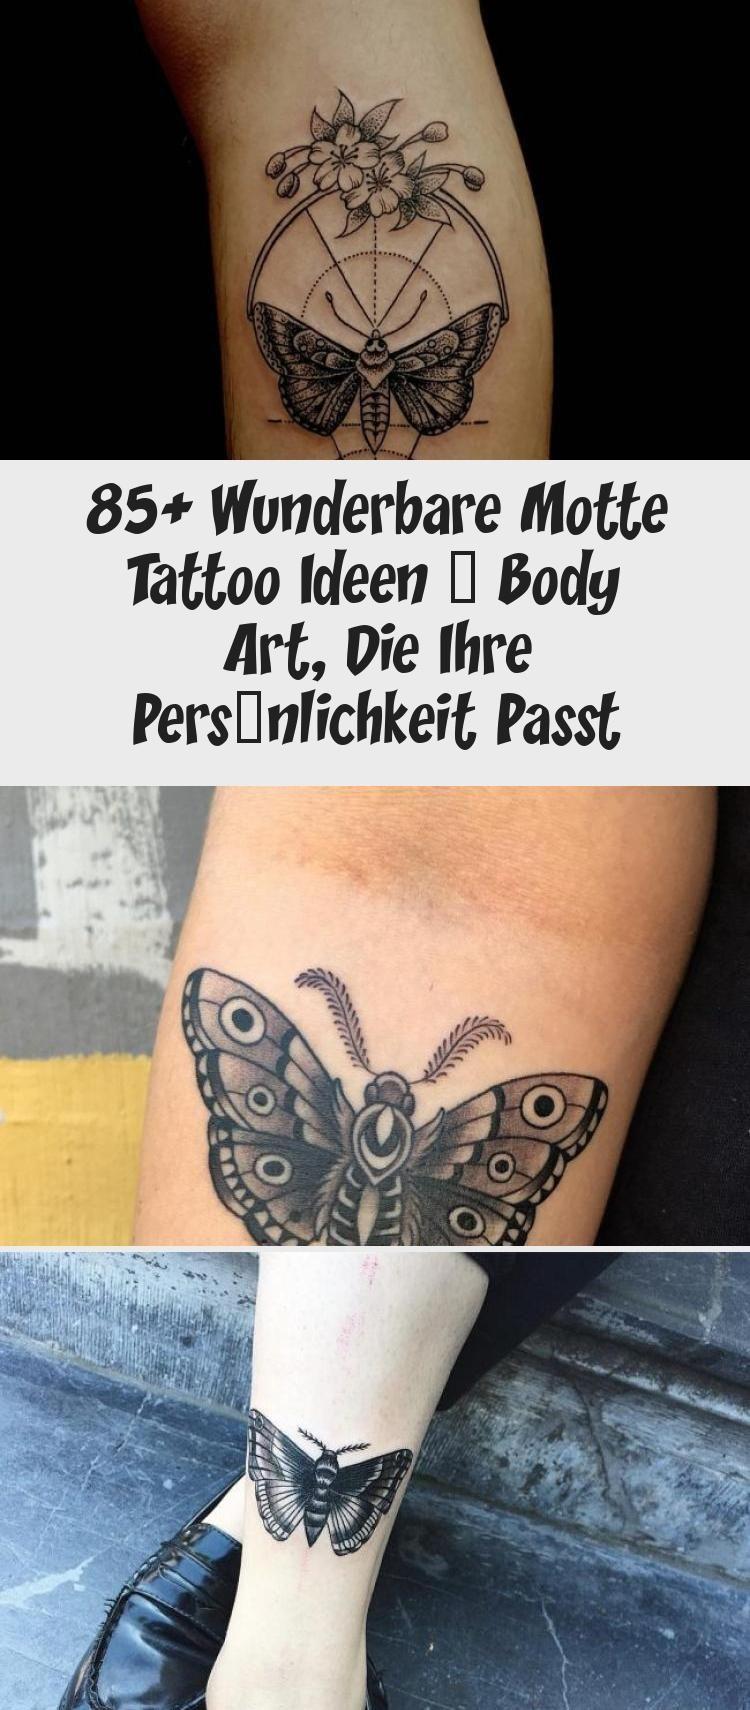 85 Wunderbare Motte Tattoo Ideen Body Art Die Ihre Personlichkeit Passt Tattoos And Body Art In 2020 Mit Bildern Tattoo Ideen Motten Tattoo Tattoos